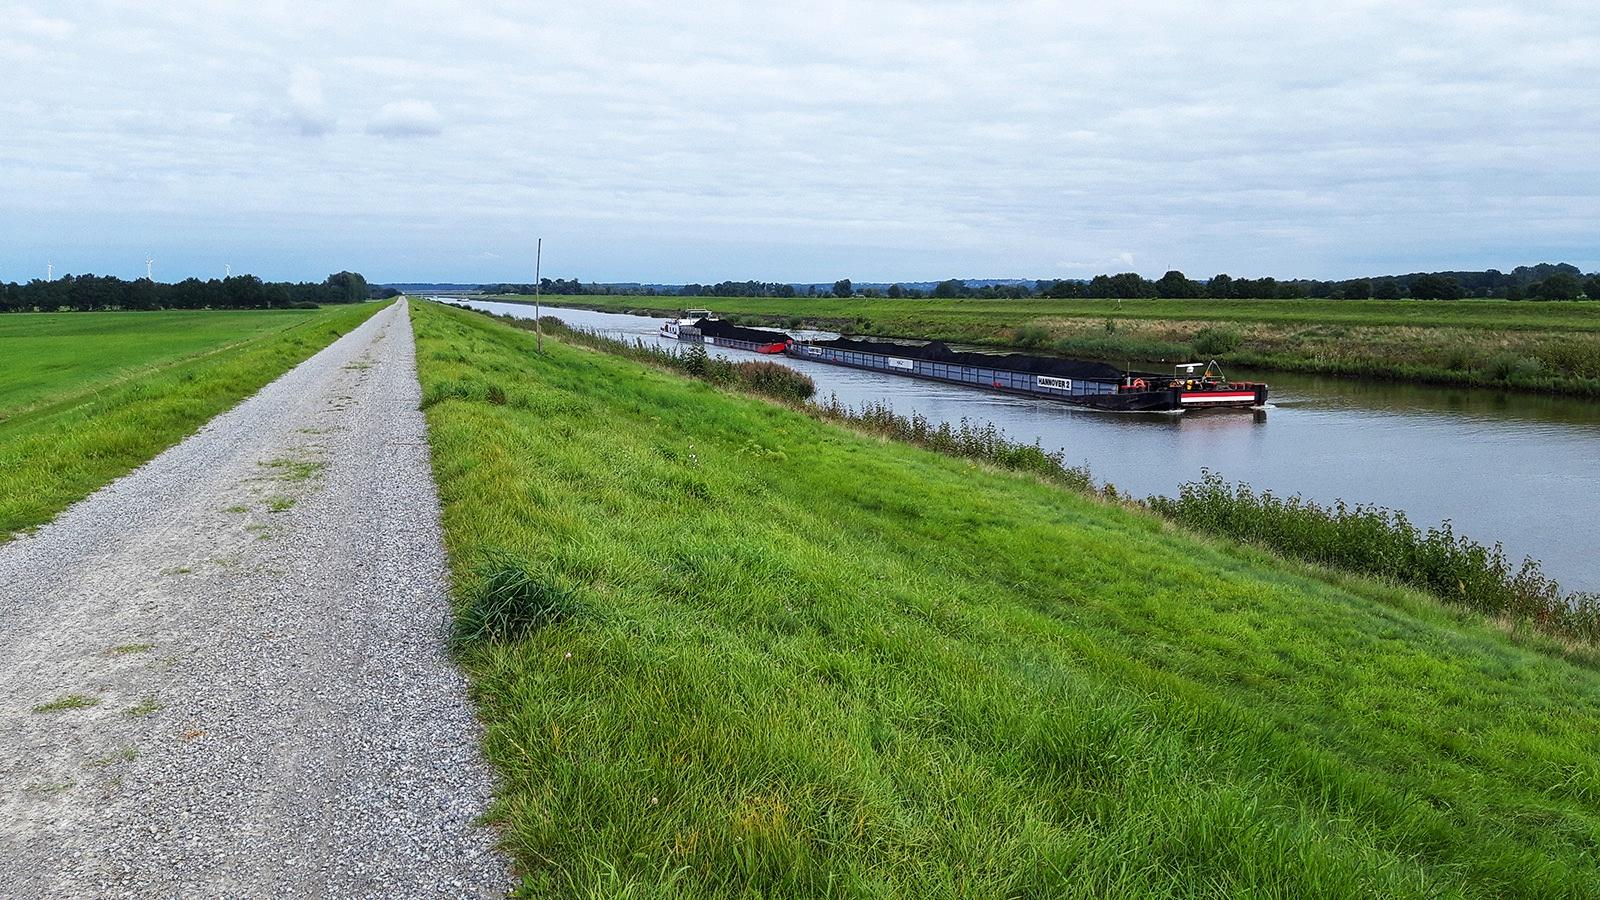 Schotterweg am Elbe-Seitenkanal mit Binnenschiff